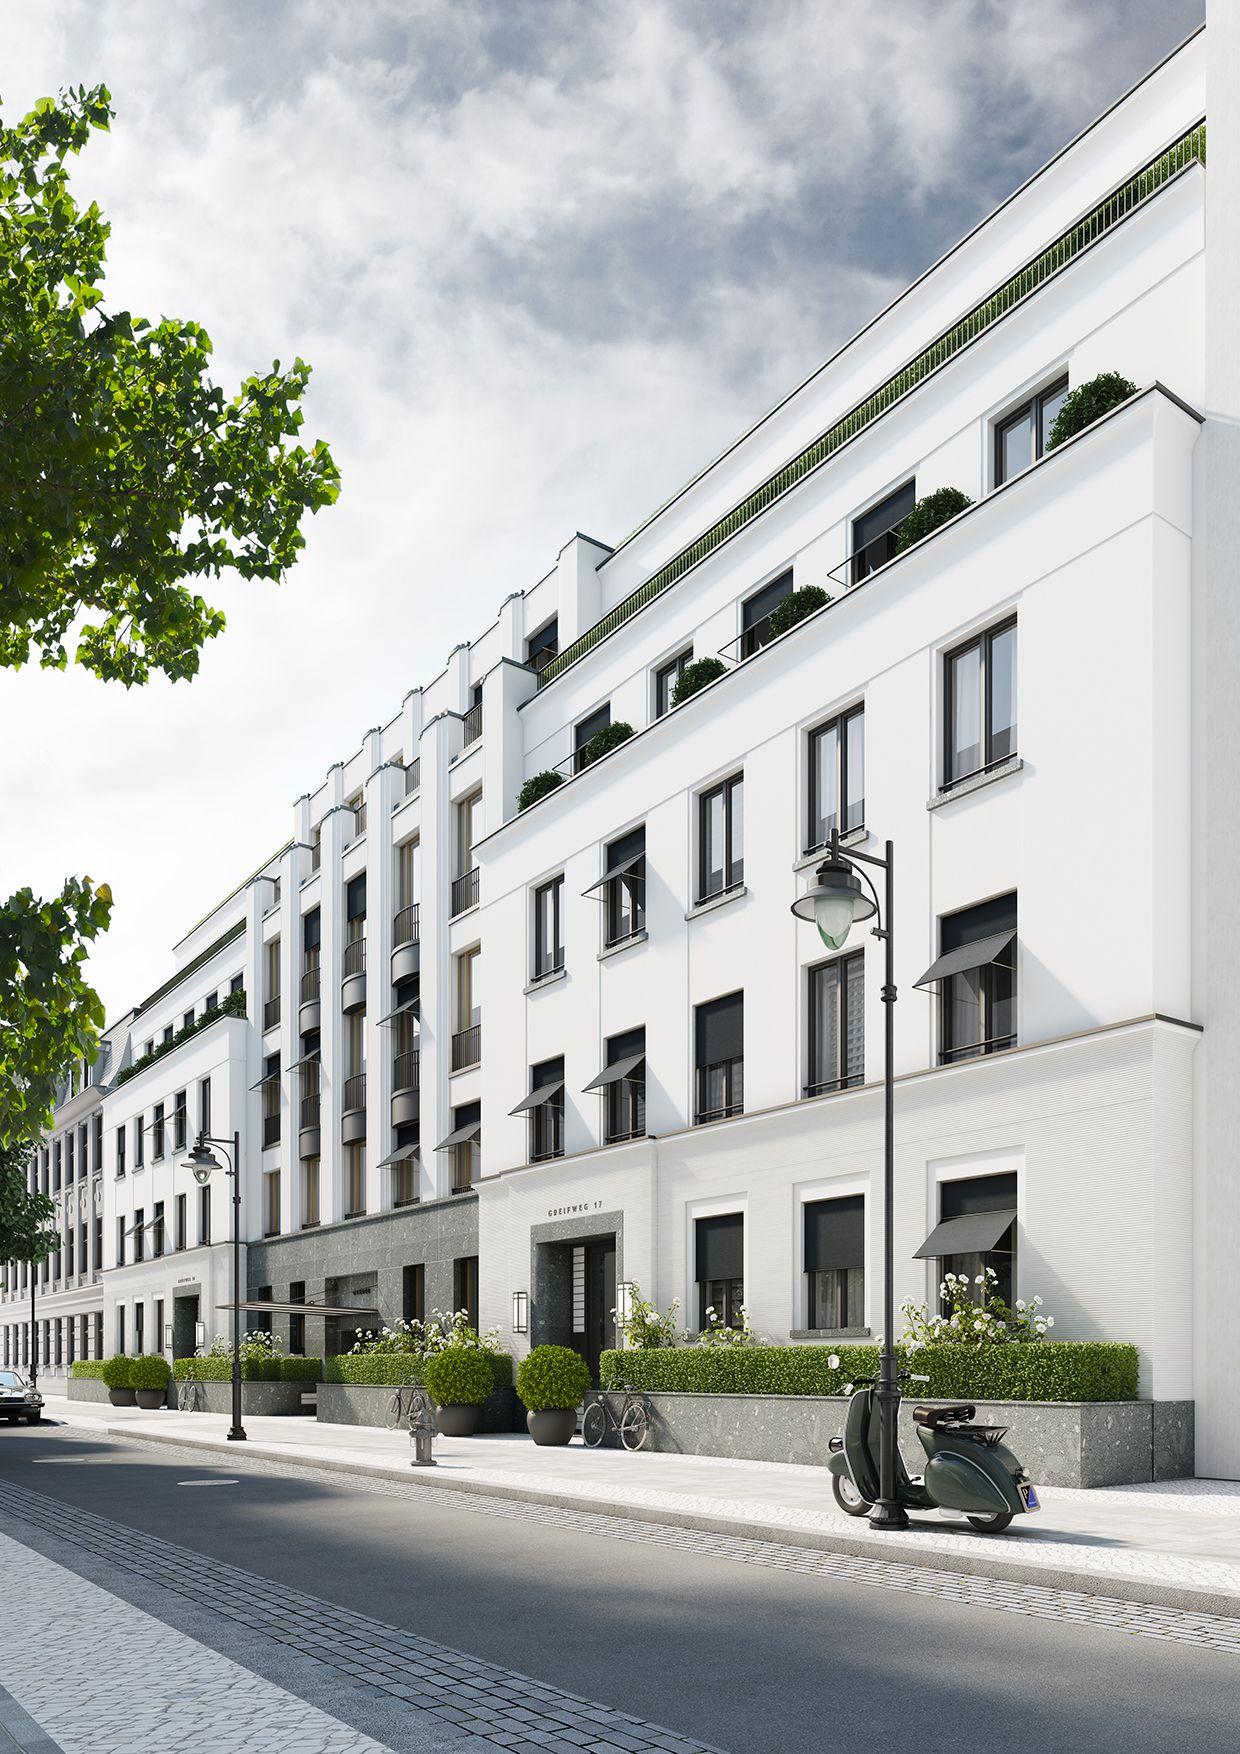 Wohnbebauung mit 16 wohneinheiten d sseldorf structure for Classic house facades